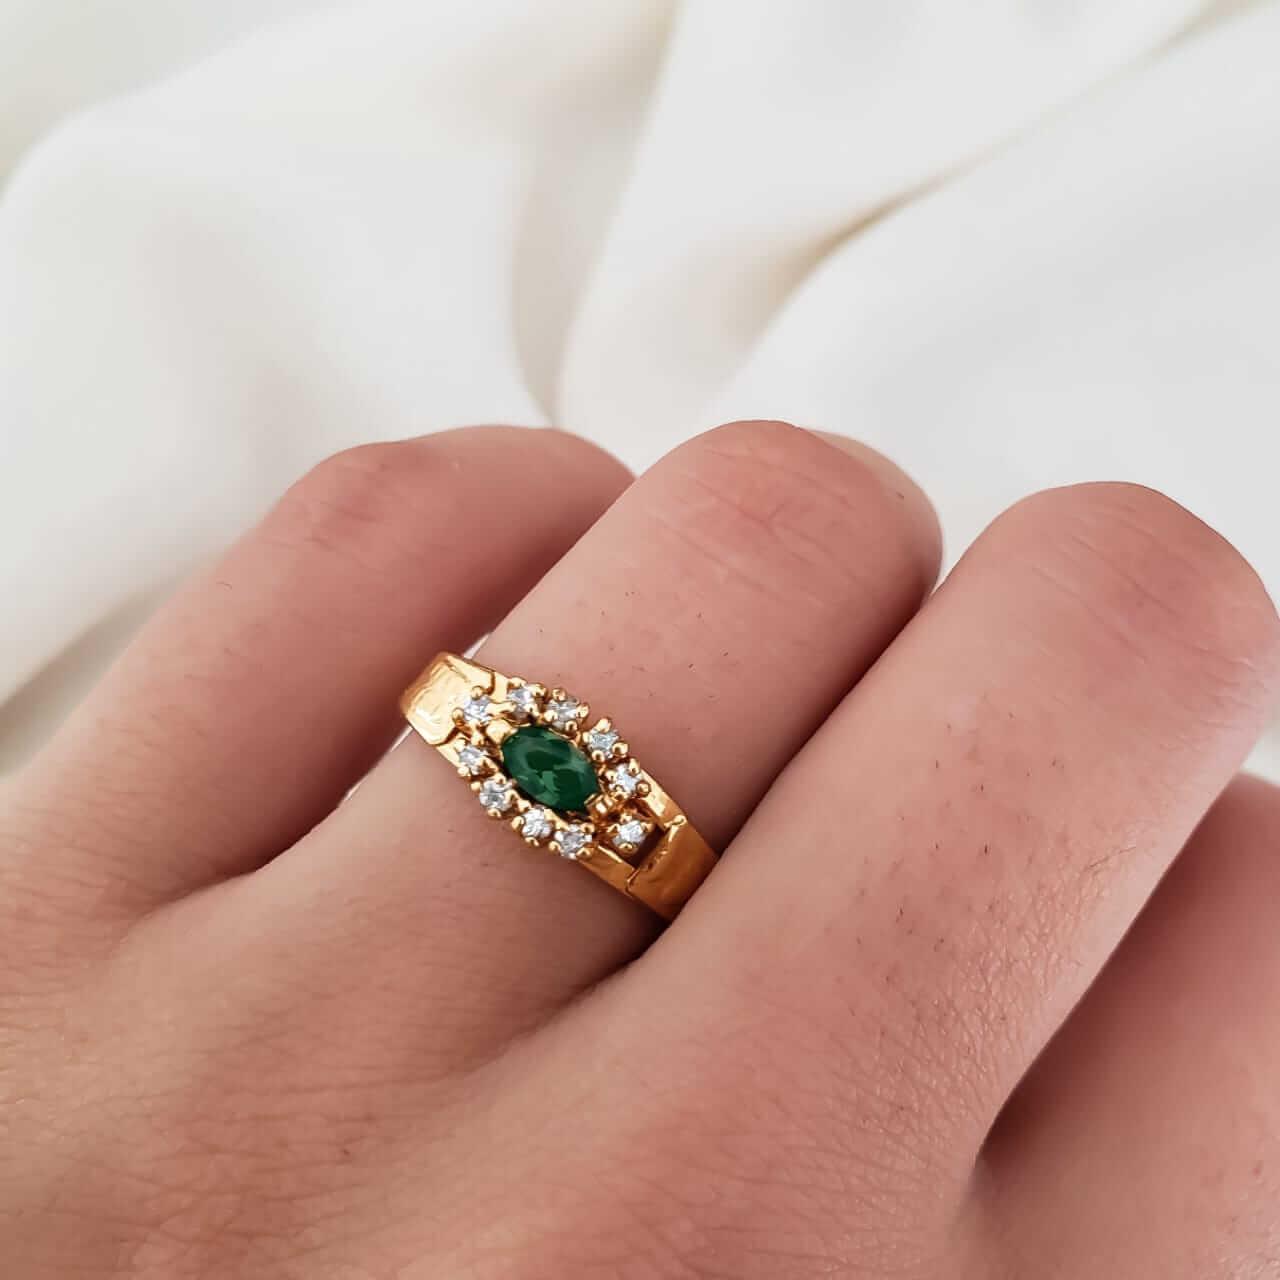 Anel Formatura em Ouro 18k com Esmeralda Sintética Oval